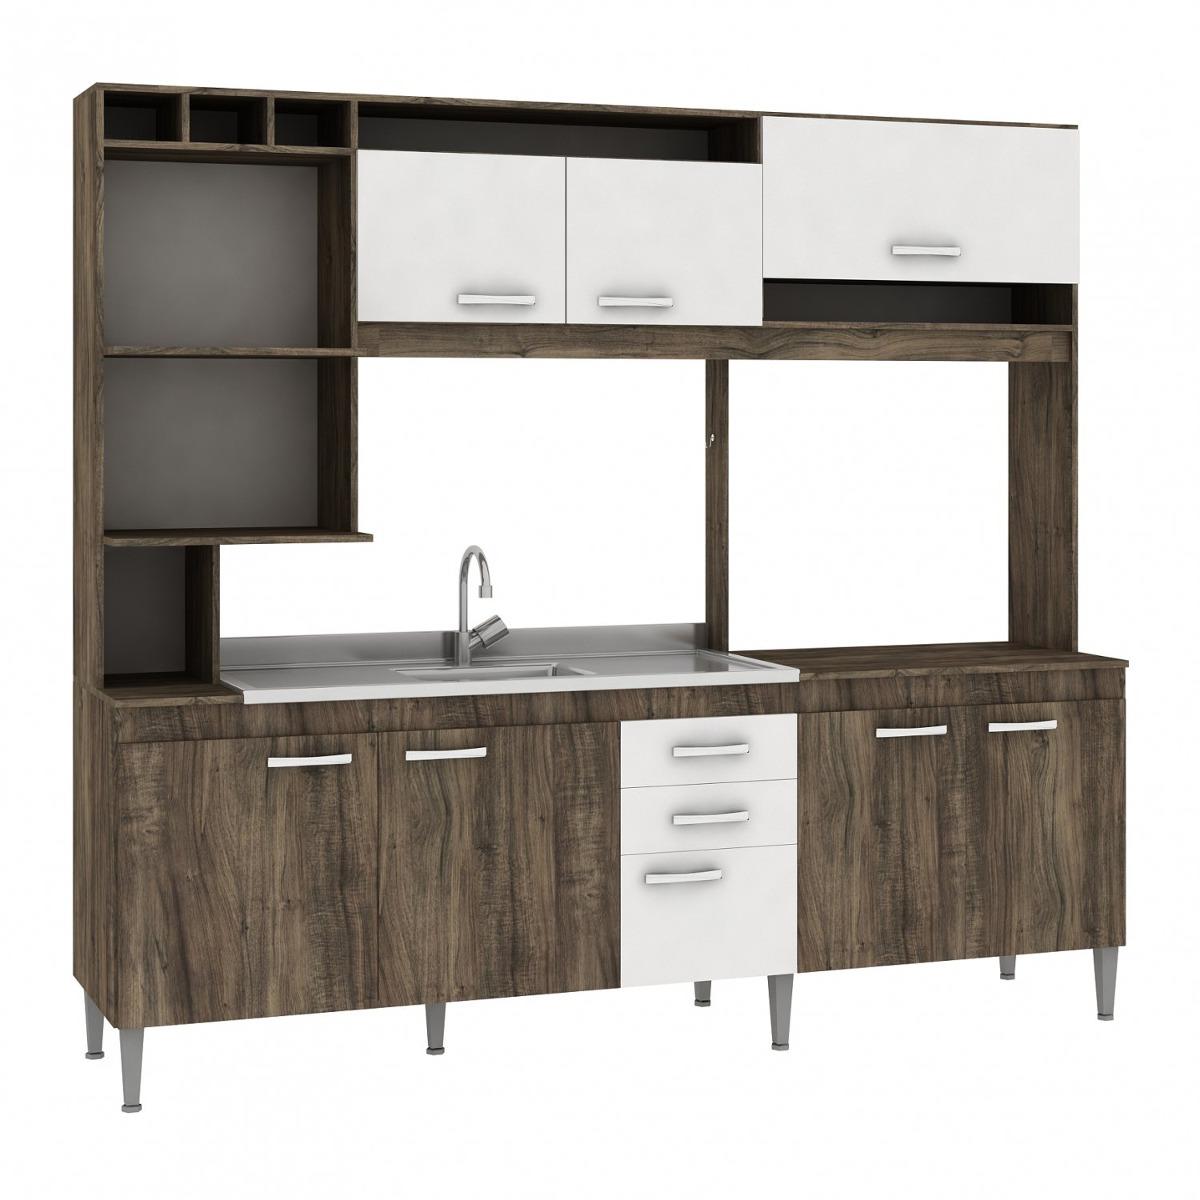 Cozinha Compacta Sem Pia E Tampo 8 Portas 2 Gavetas C R 719 90 Em